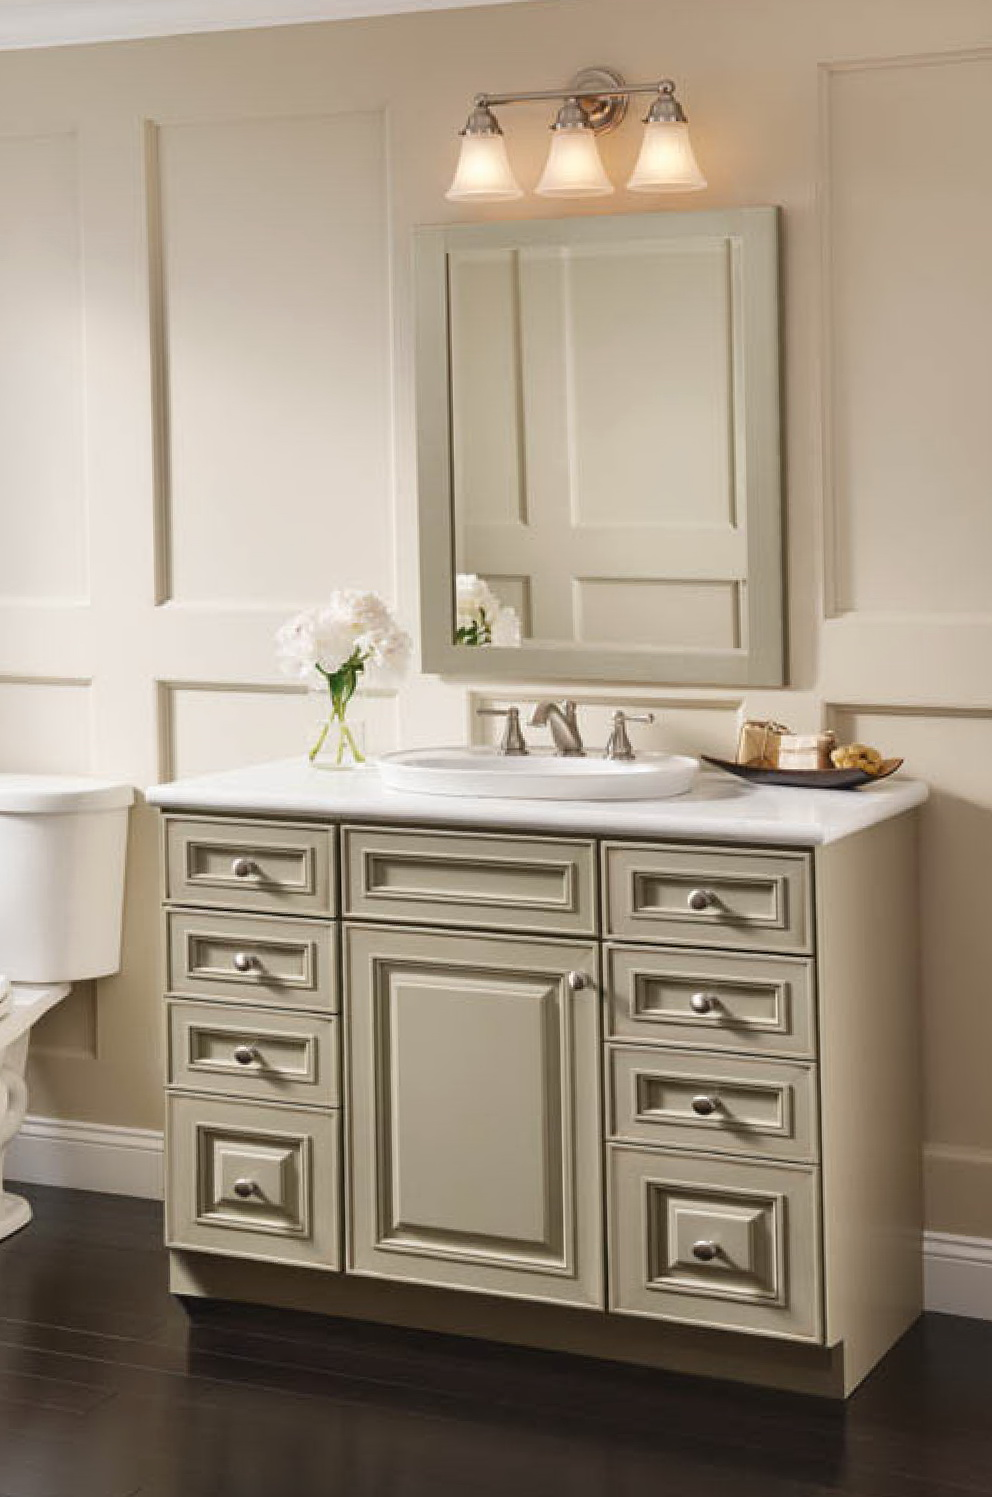 Kraftmaid Bathroom Vanities At Lowes